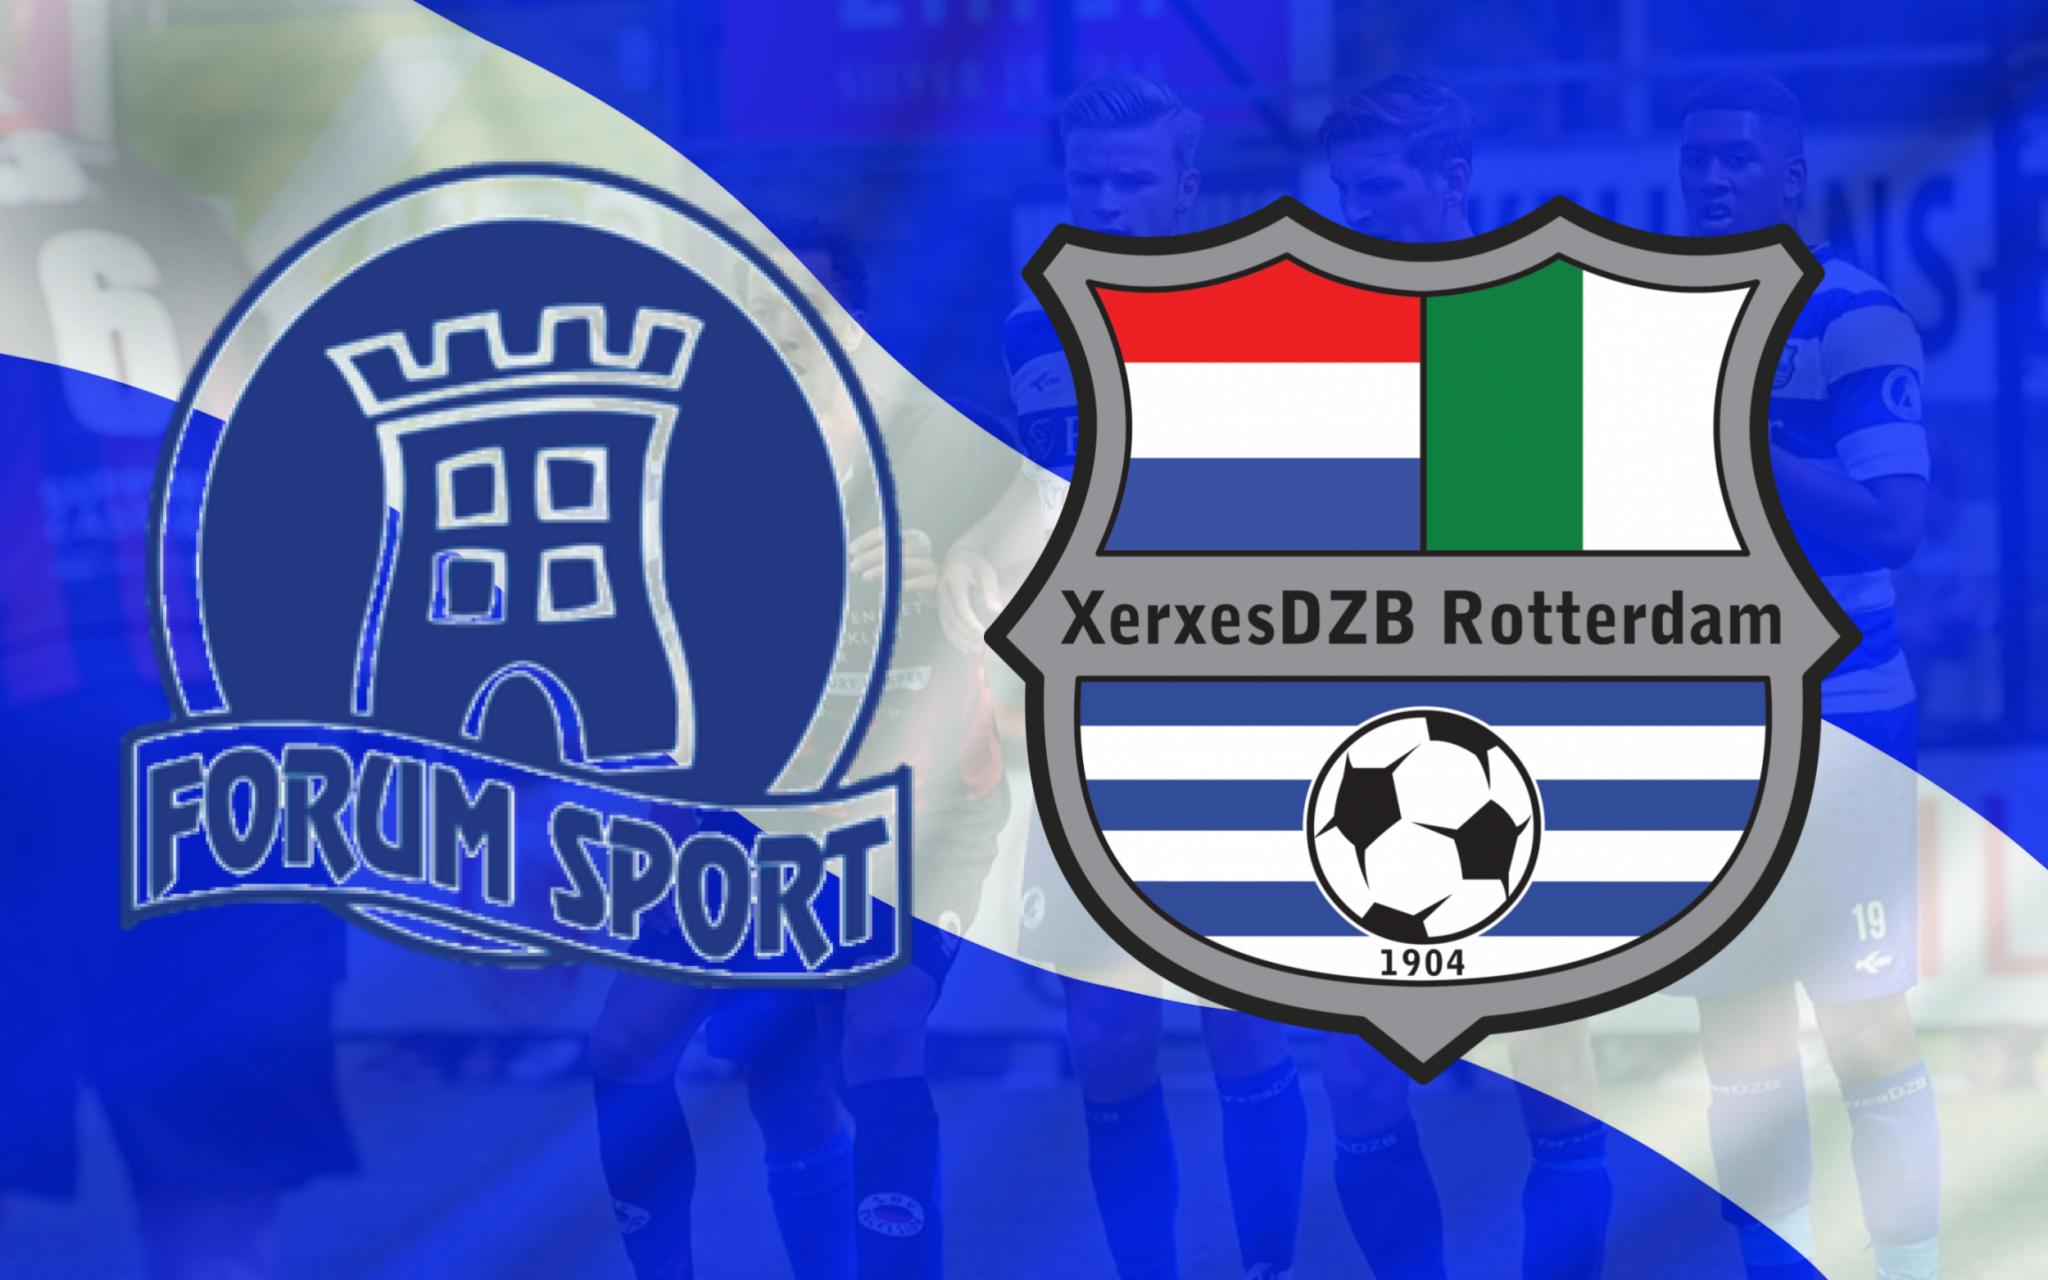 Voorbeschouwing: XerxesDZB gaat op bezoek bij Forum Sport